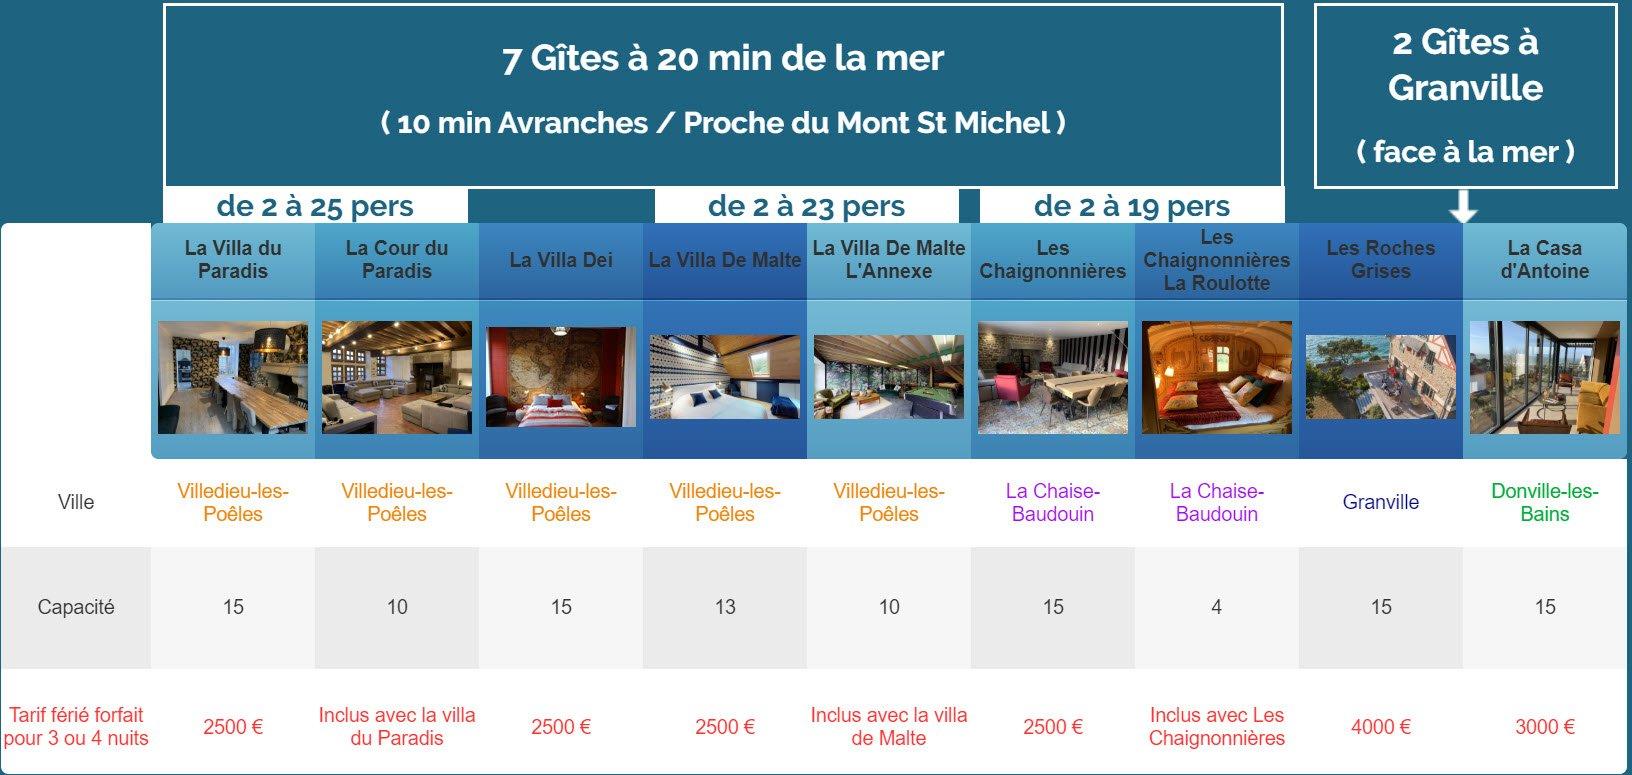 feriee nouveaux gites - Modification - Location de Gite La Clef Decamp - Laclefdecamp.fr